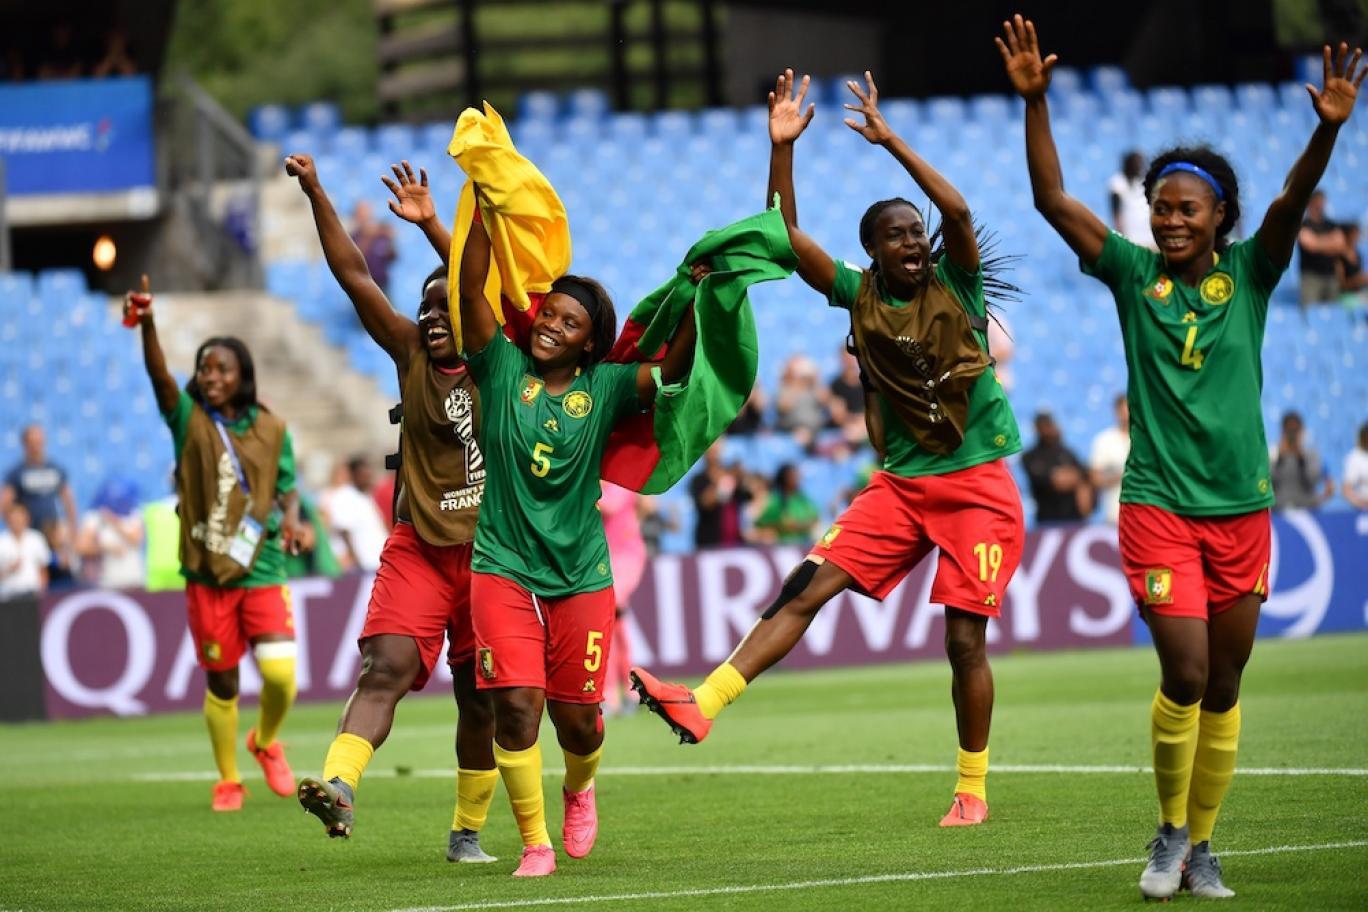 پیش بازی موزامبیک و کامرون